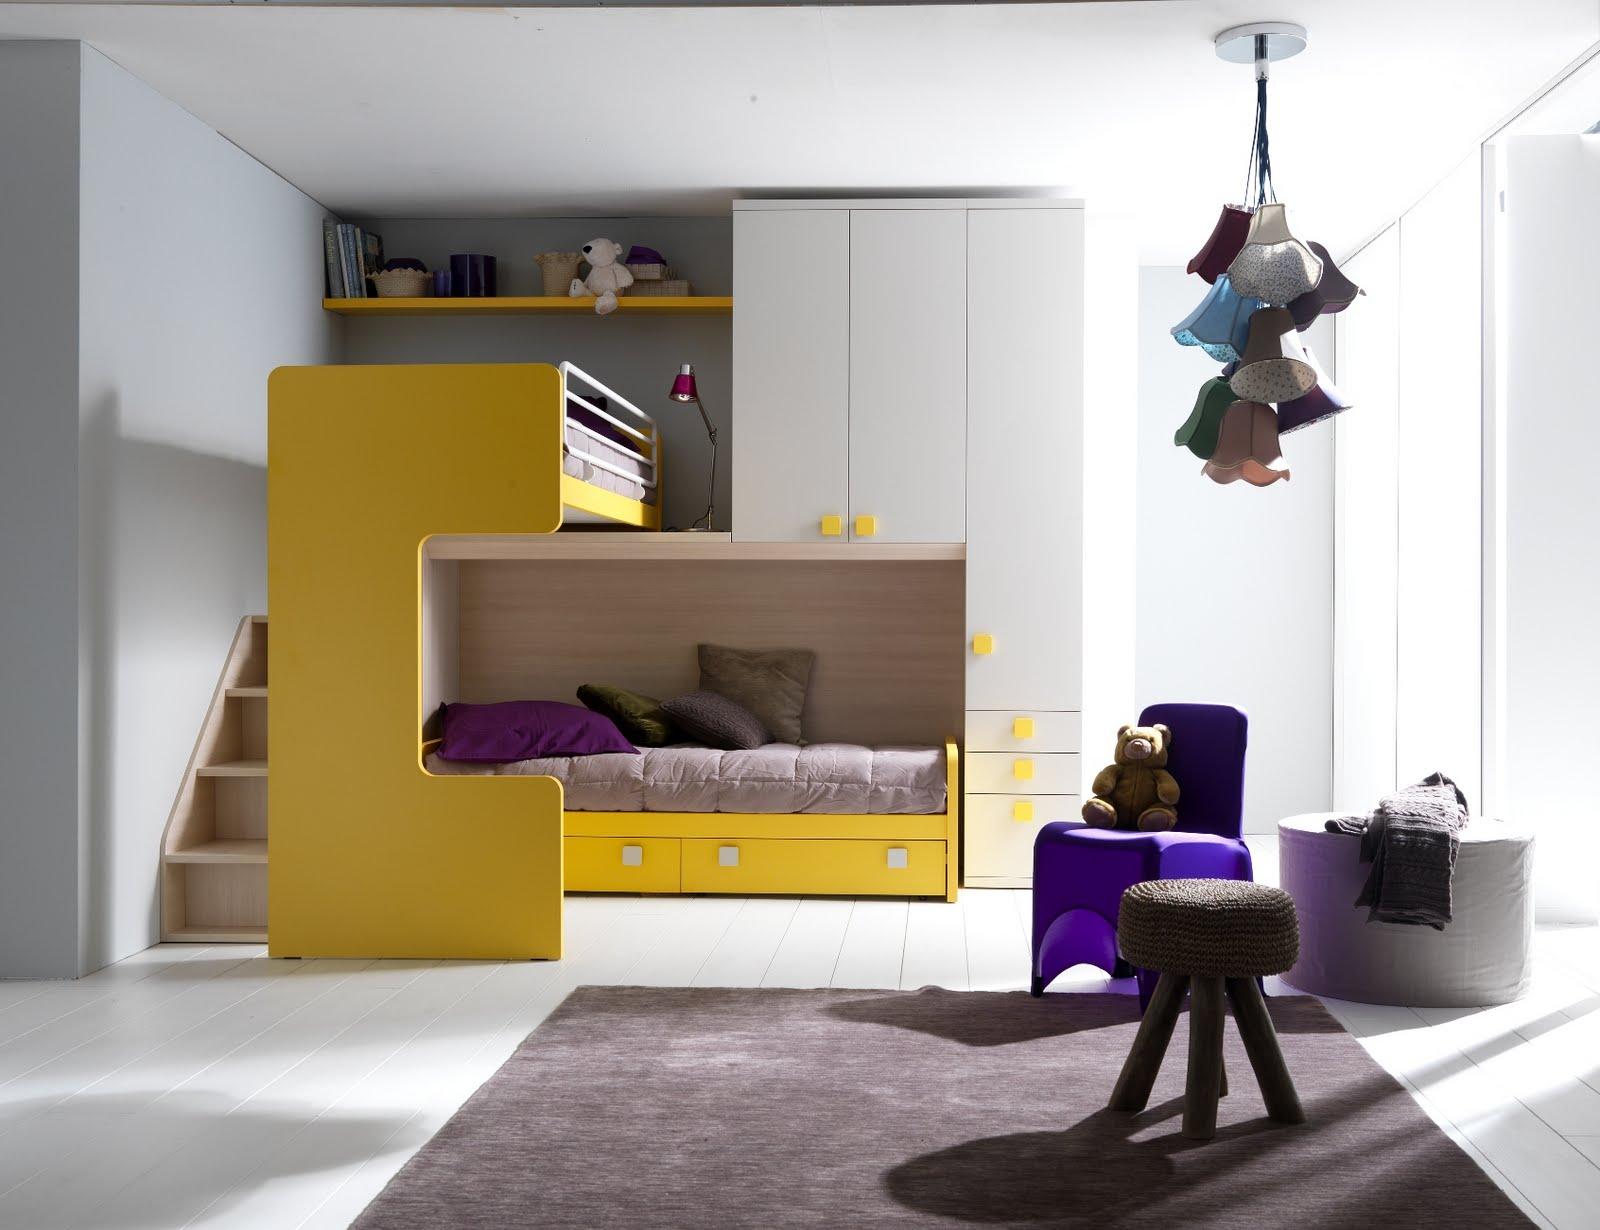 Bonetti camerette bonetti bedrooms offerta camerette doimo for Camere complete in offerta